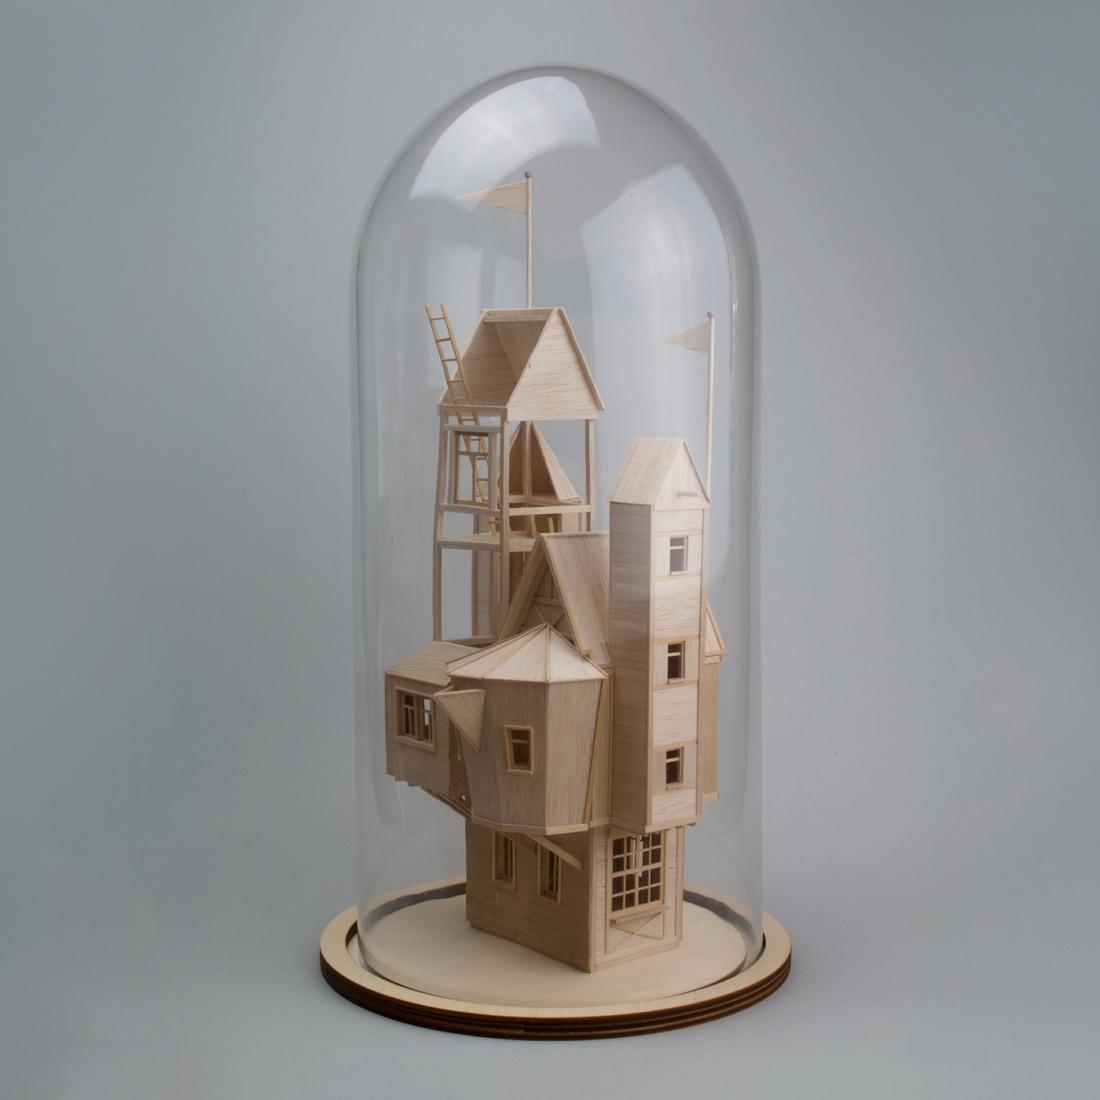 Wonder House